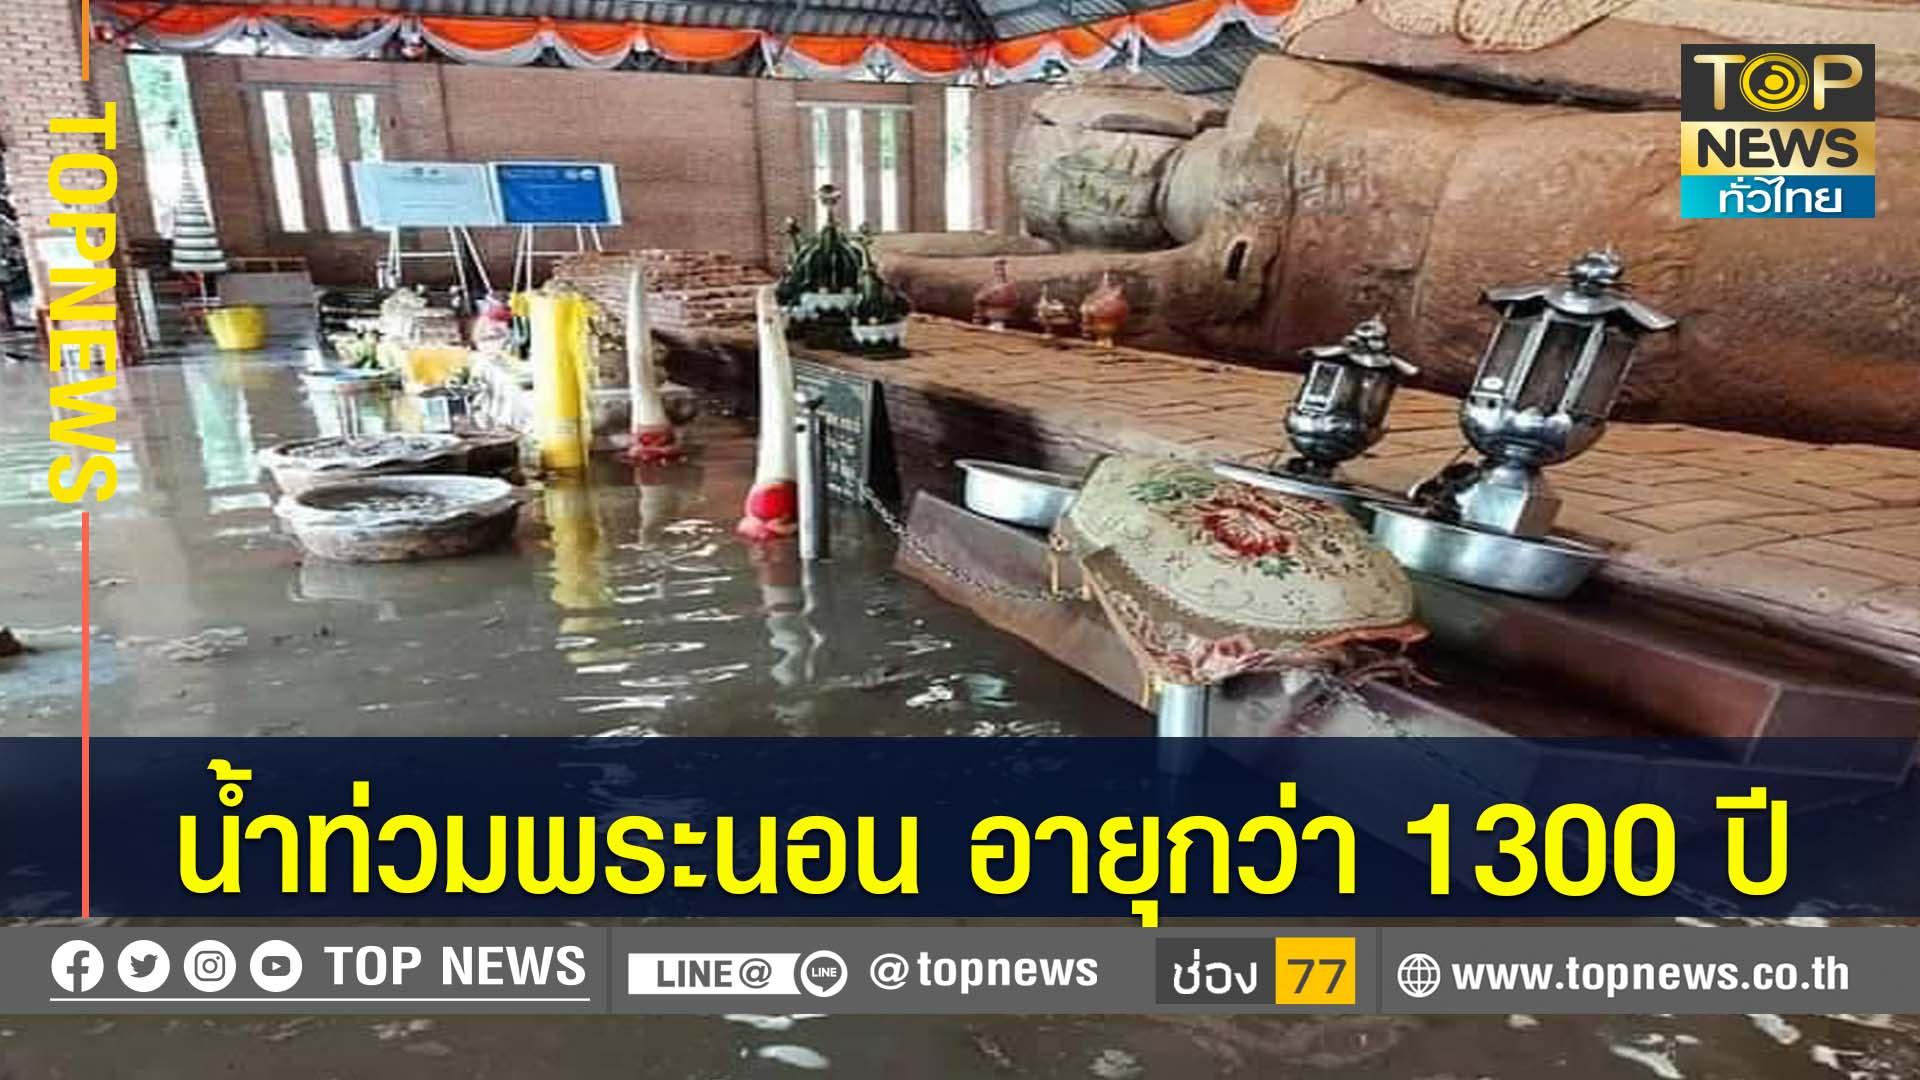 """พายุ """"คมปาซุ"""" ถล่มโคราชต่อเนื่อง ล่าสุดน้ำเอ่อท่วมพระนอนหินทราย อายุกว่า 1300 ปี"""